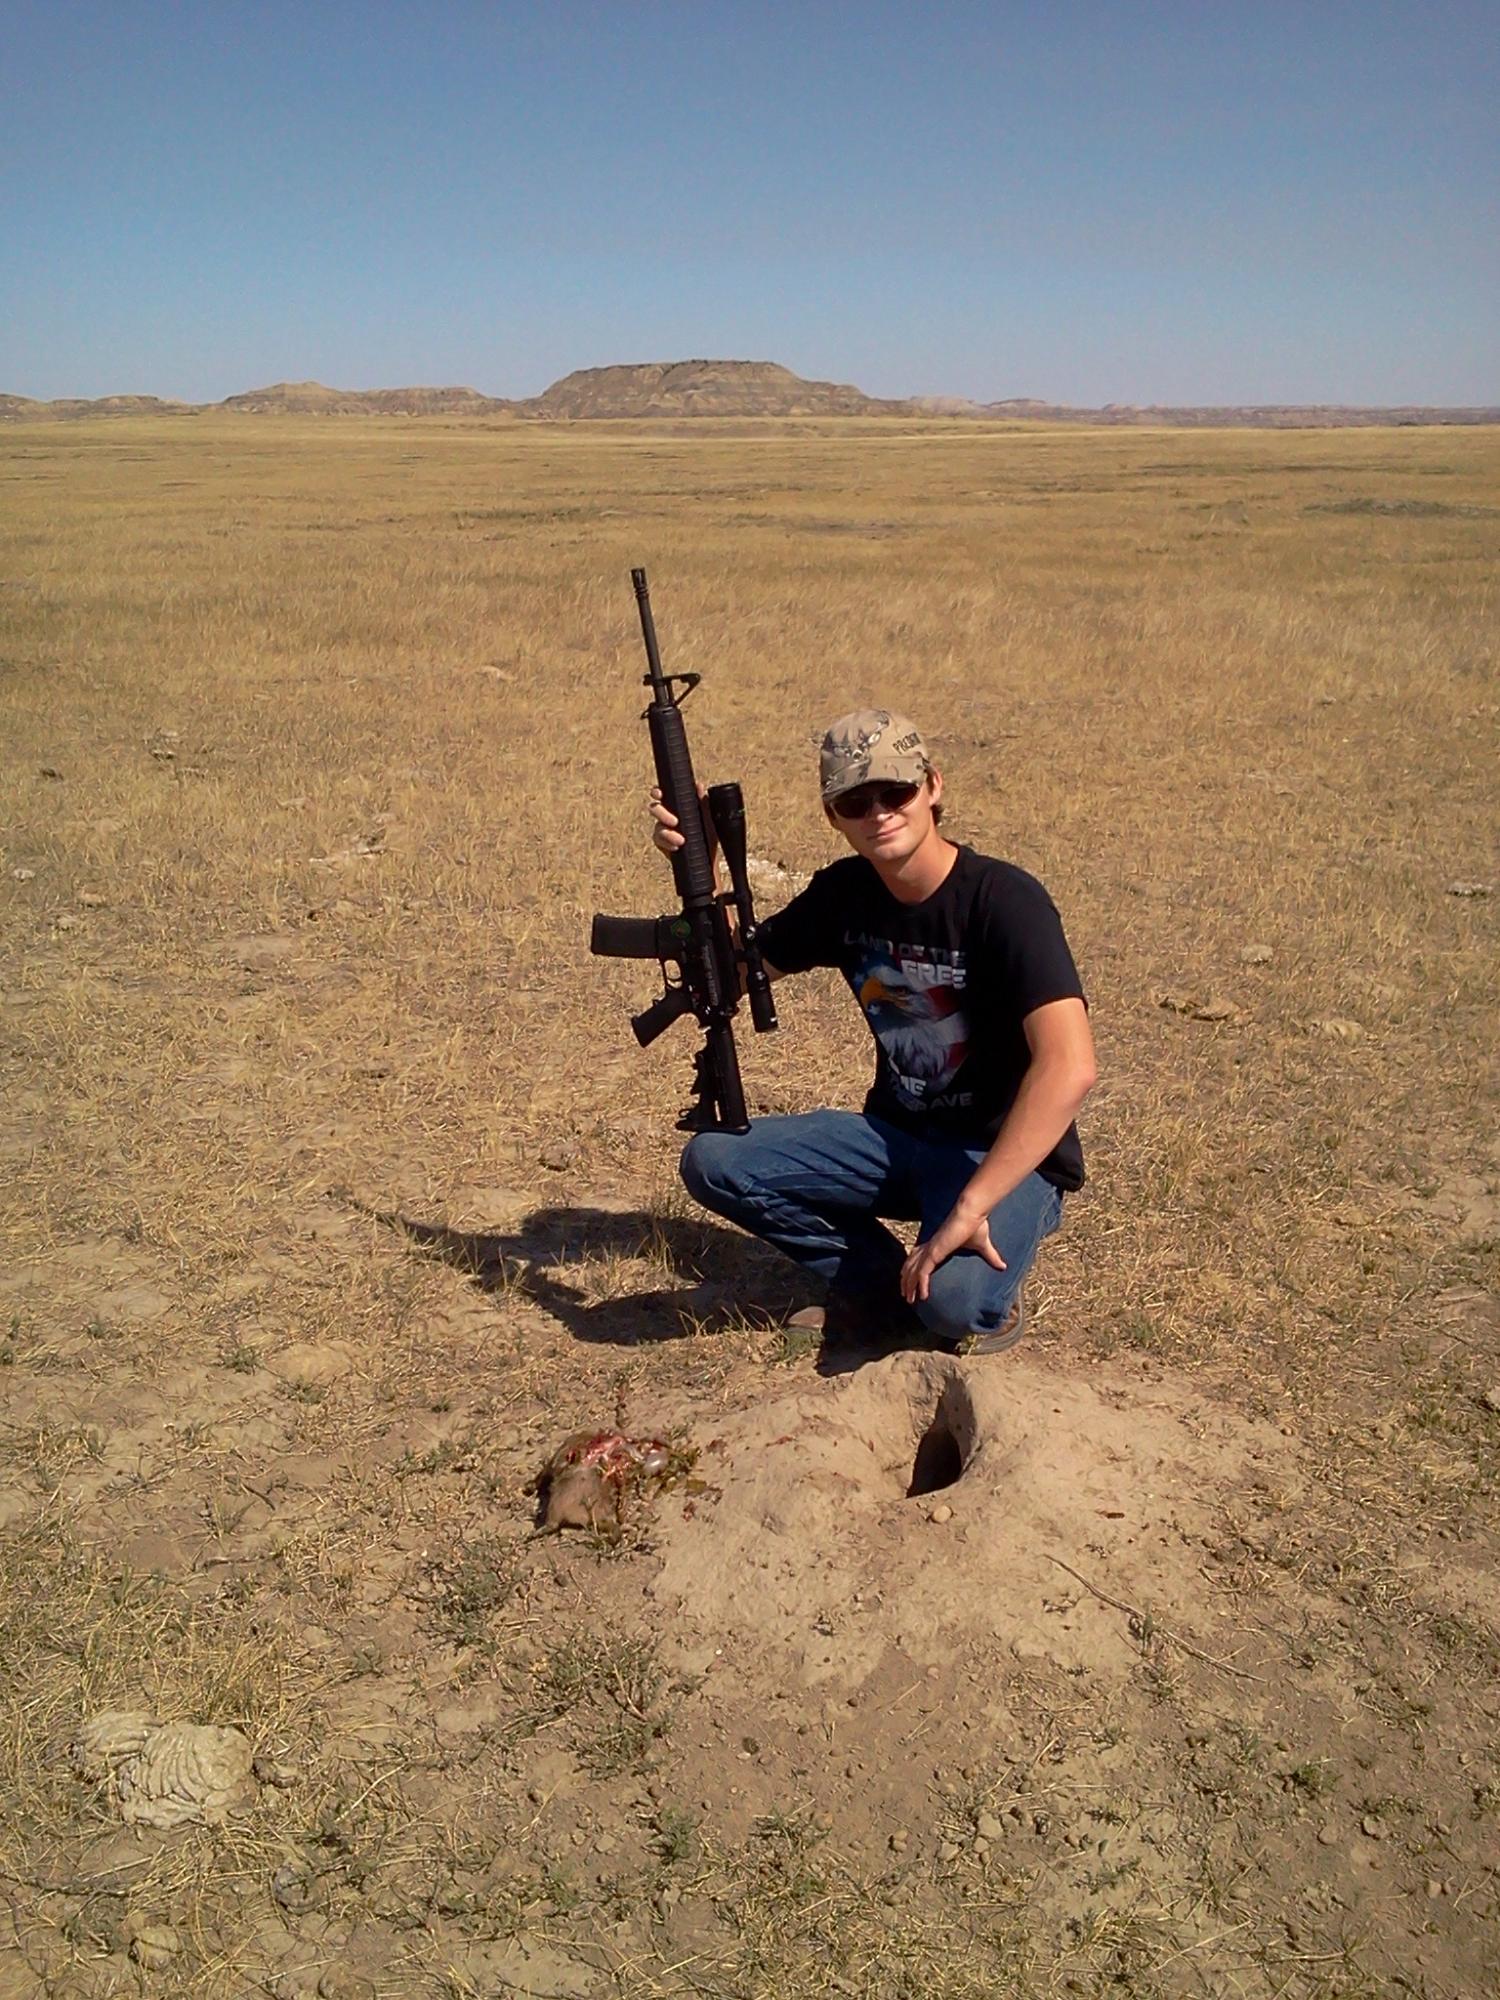 Went Prairie Doggin' *Graphic Photos*-2012-09-03-12.27.19.jpg